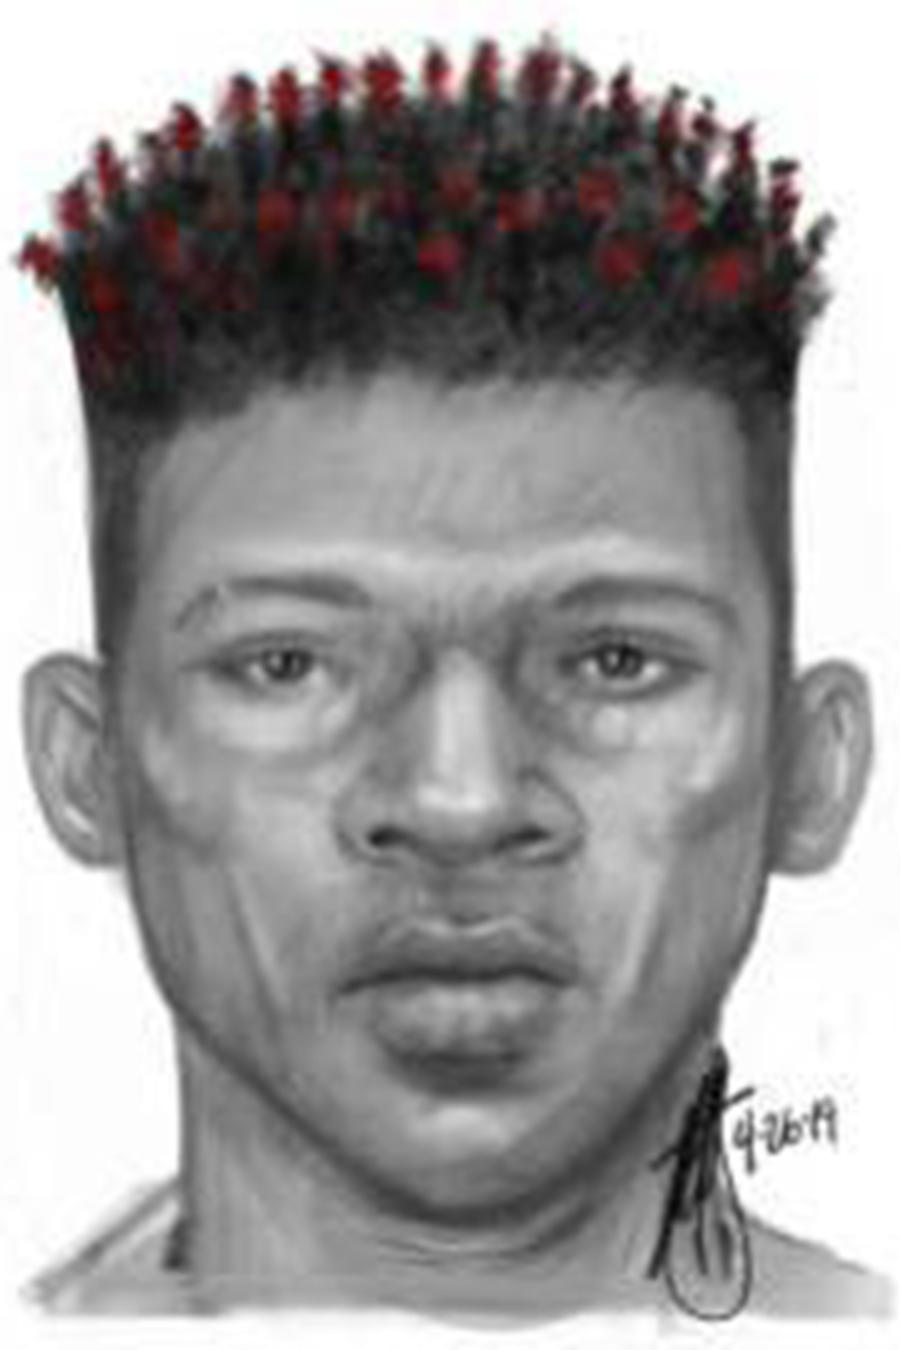 Retrato hablado de sospechoso de secuestro